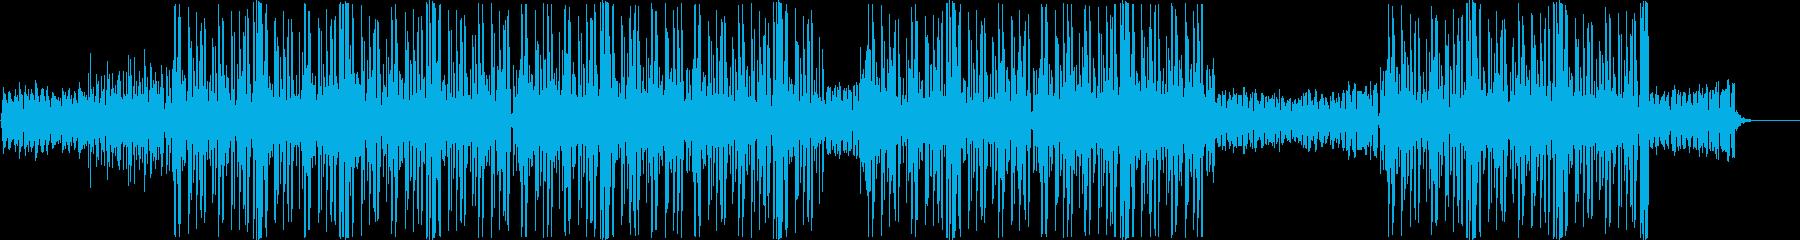 ローファイ、ヒップホップ、チルアウト♪の再生済みの波形